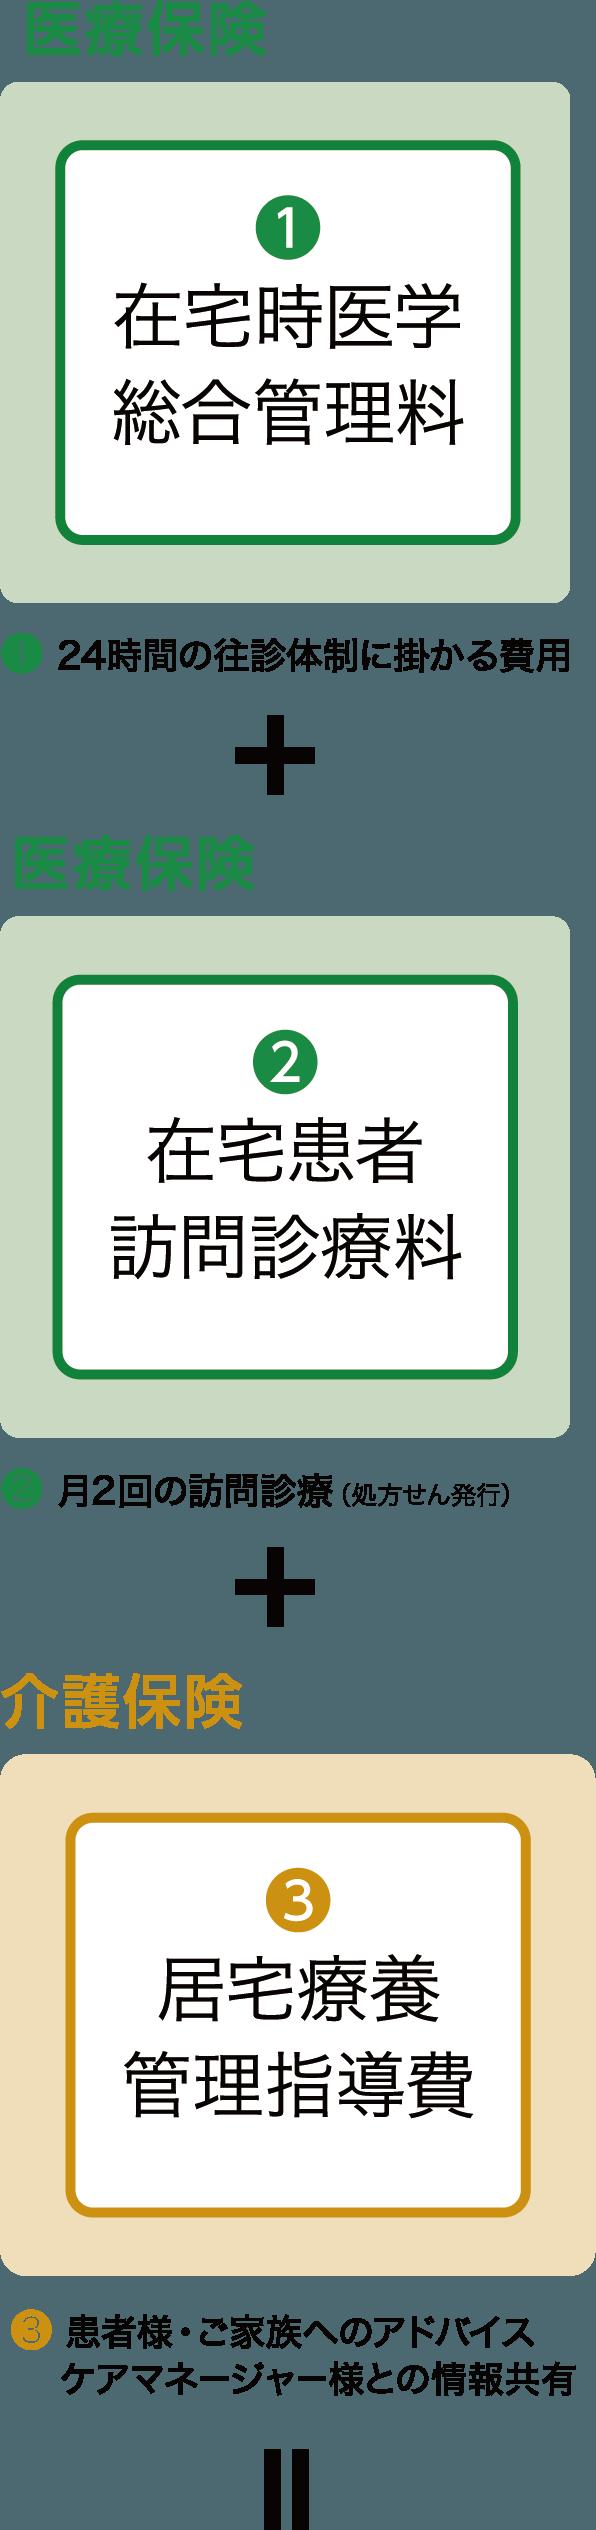 医療保険 医療保険 介護保険=